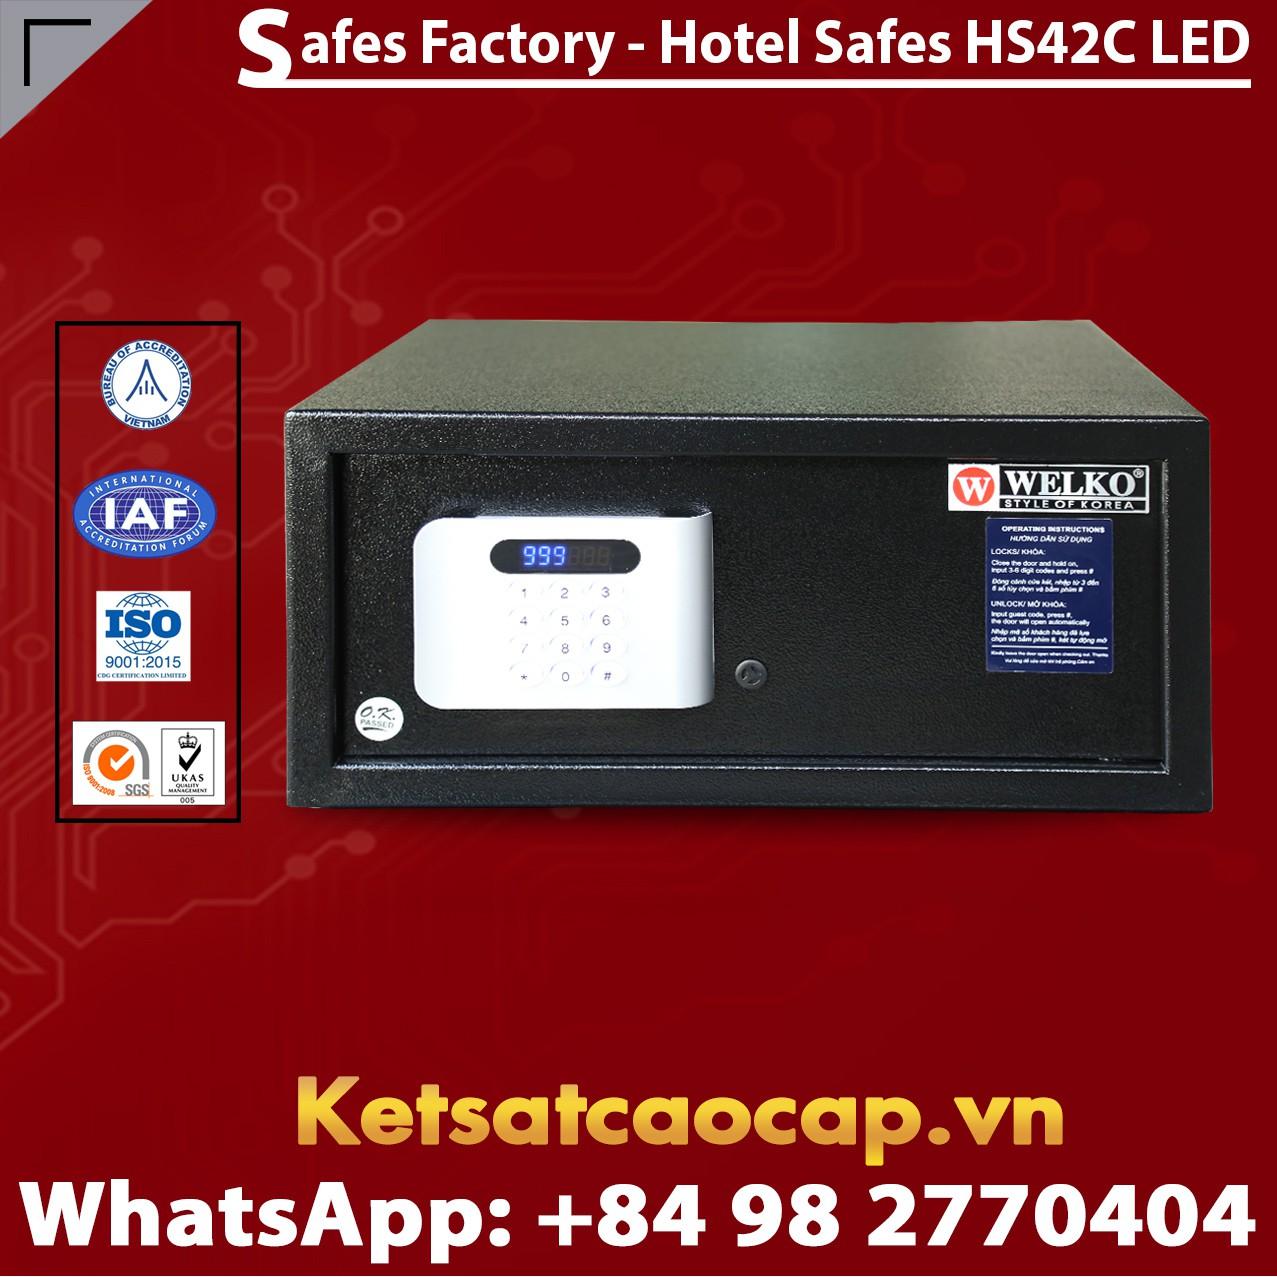 Két Sắt Khách Sạn Hotel Safes WELKO HS42 C LED